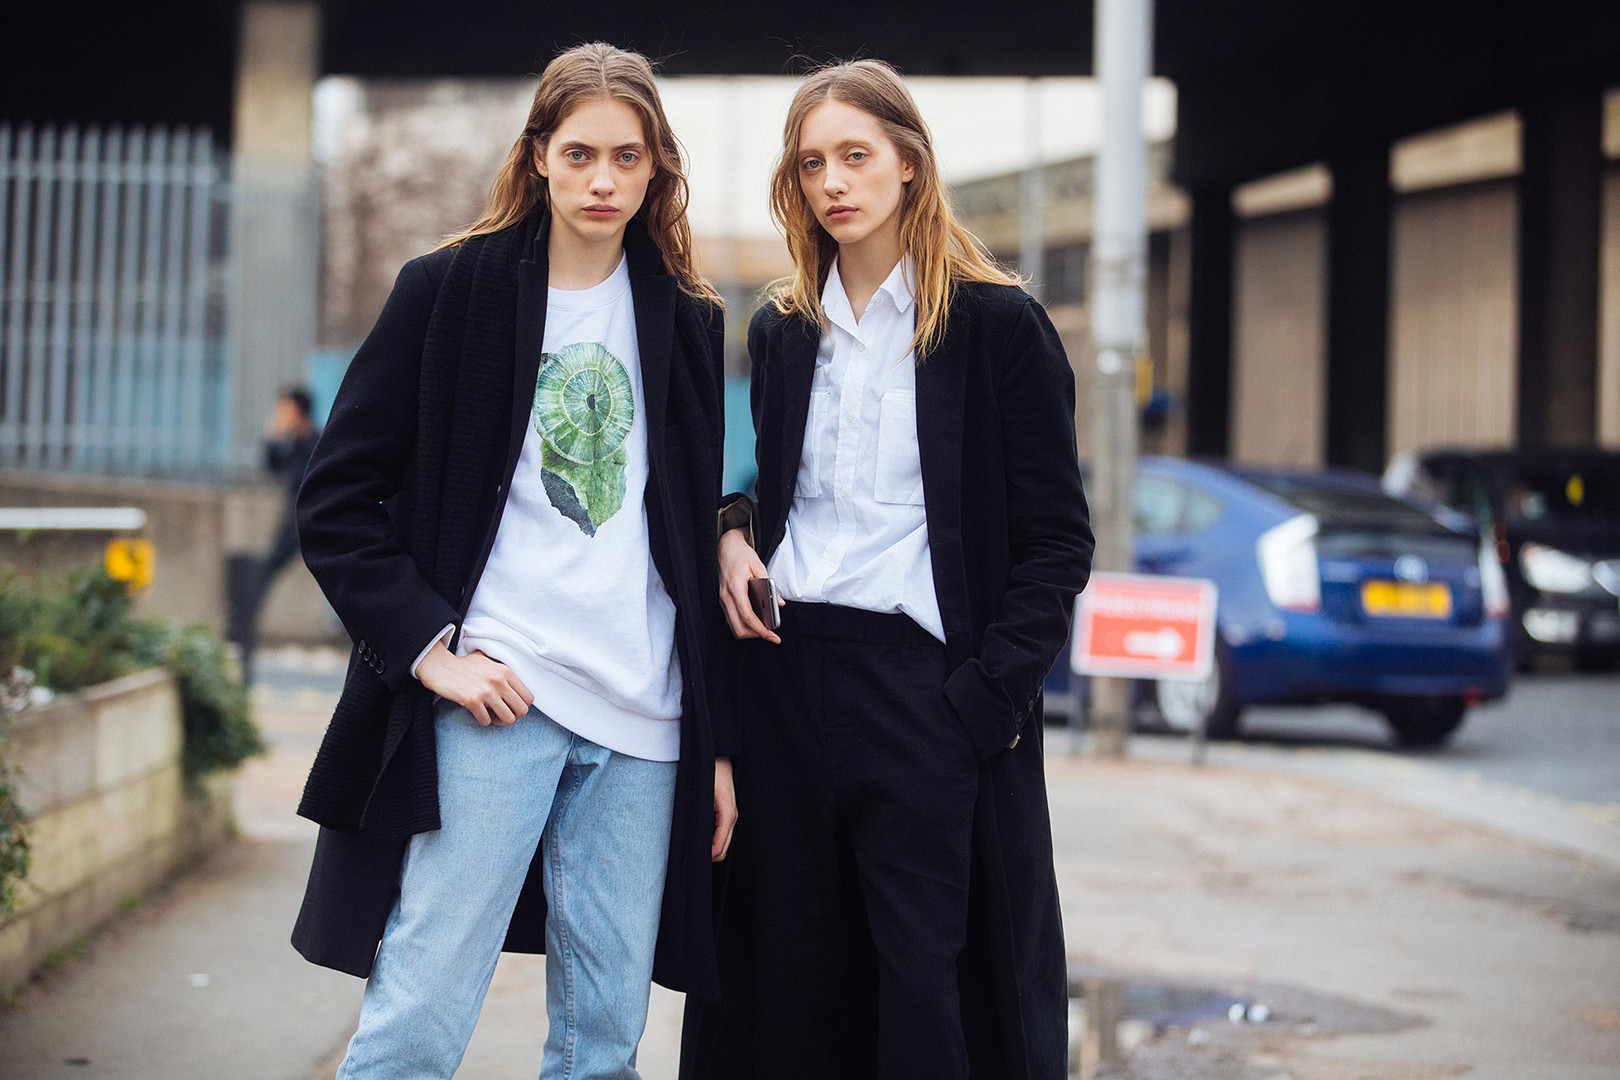 Blizanke Lia i Odette Pavlova na trećem danu londonskog Tjedna mode, 19. veljače 2017.